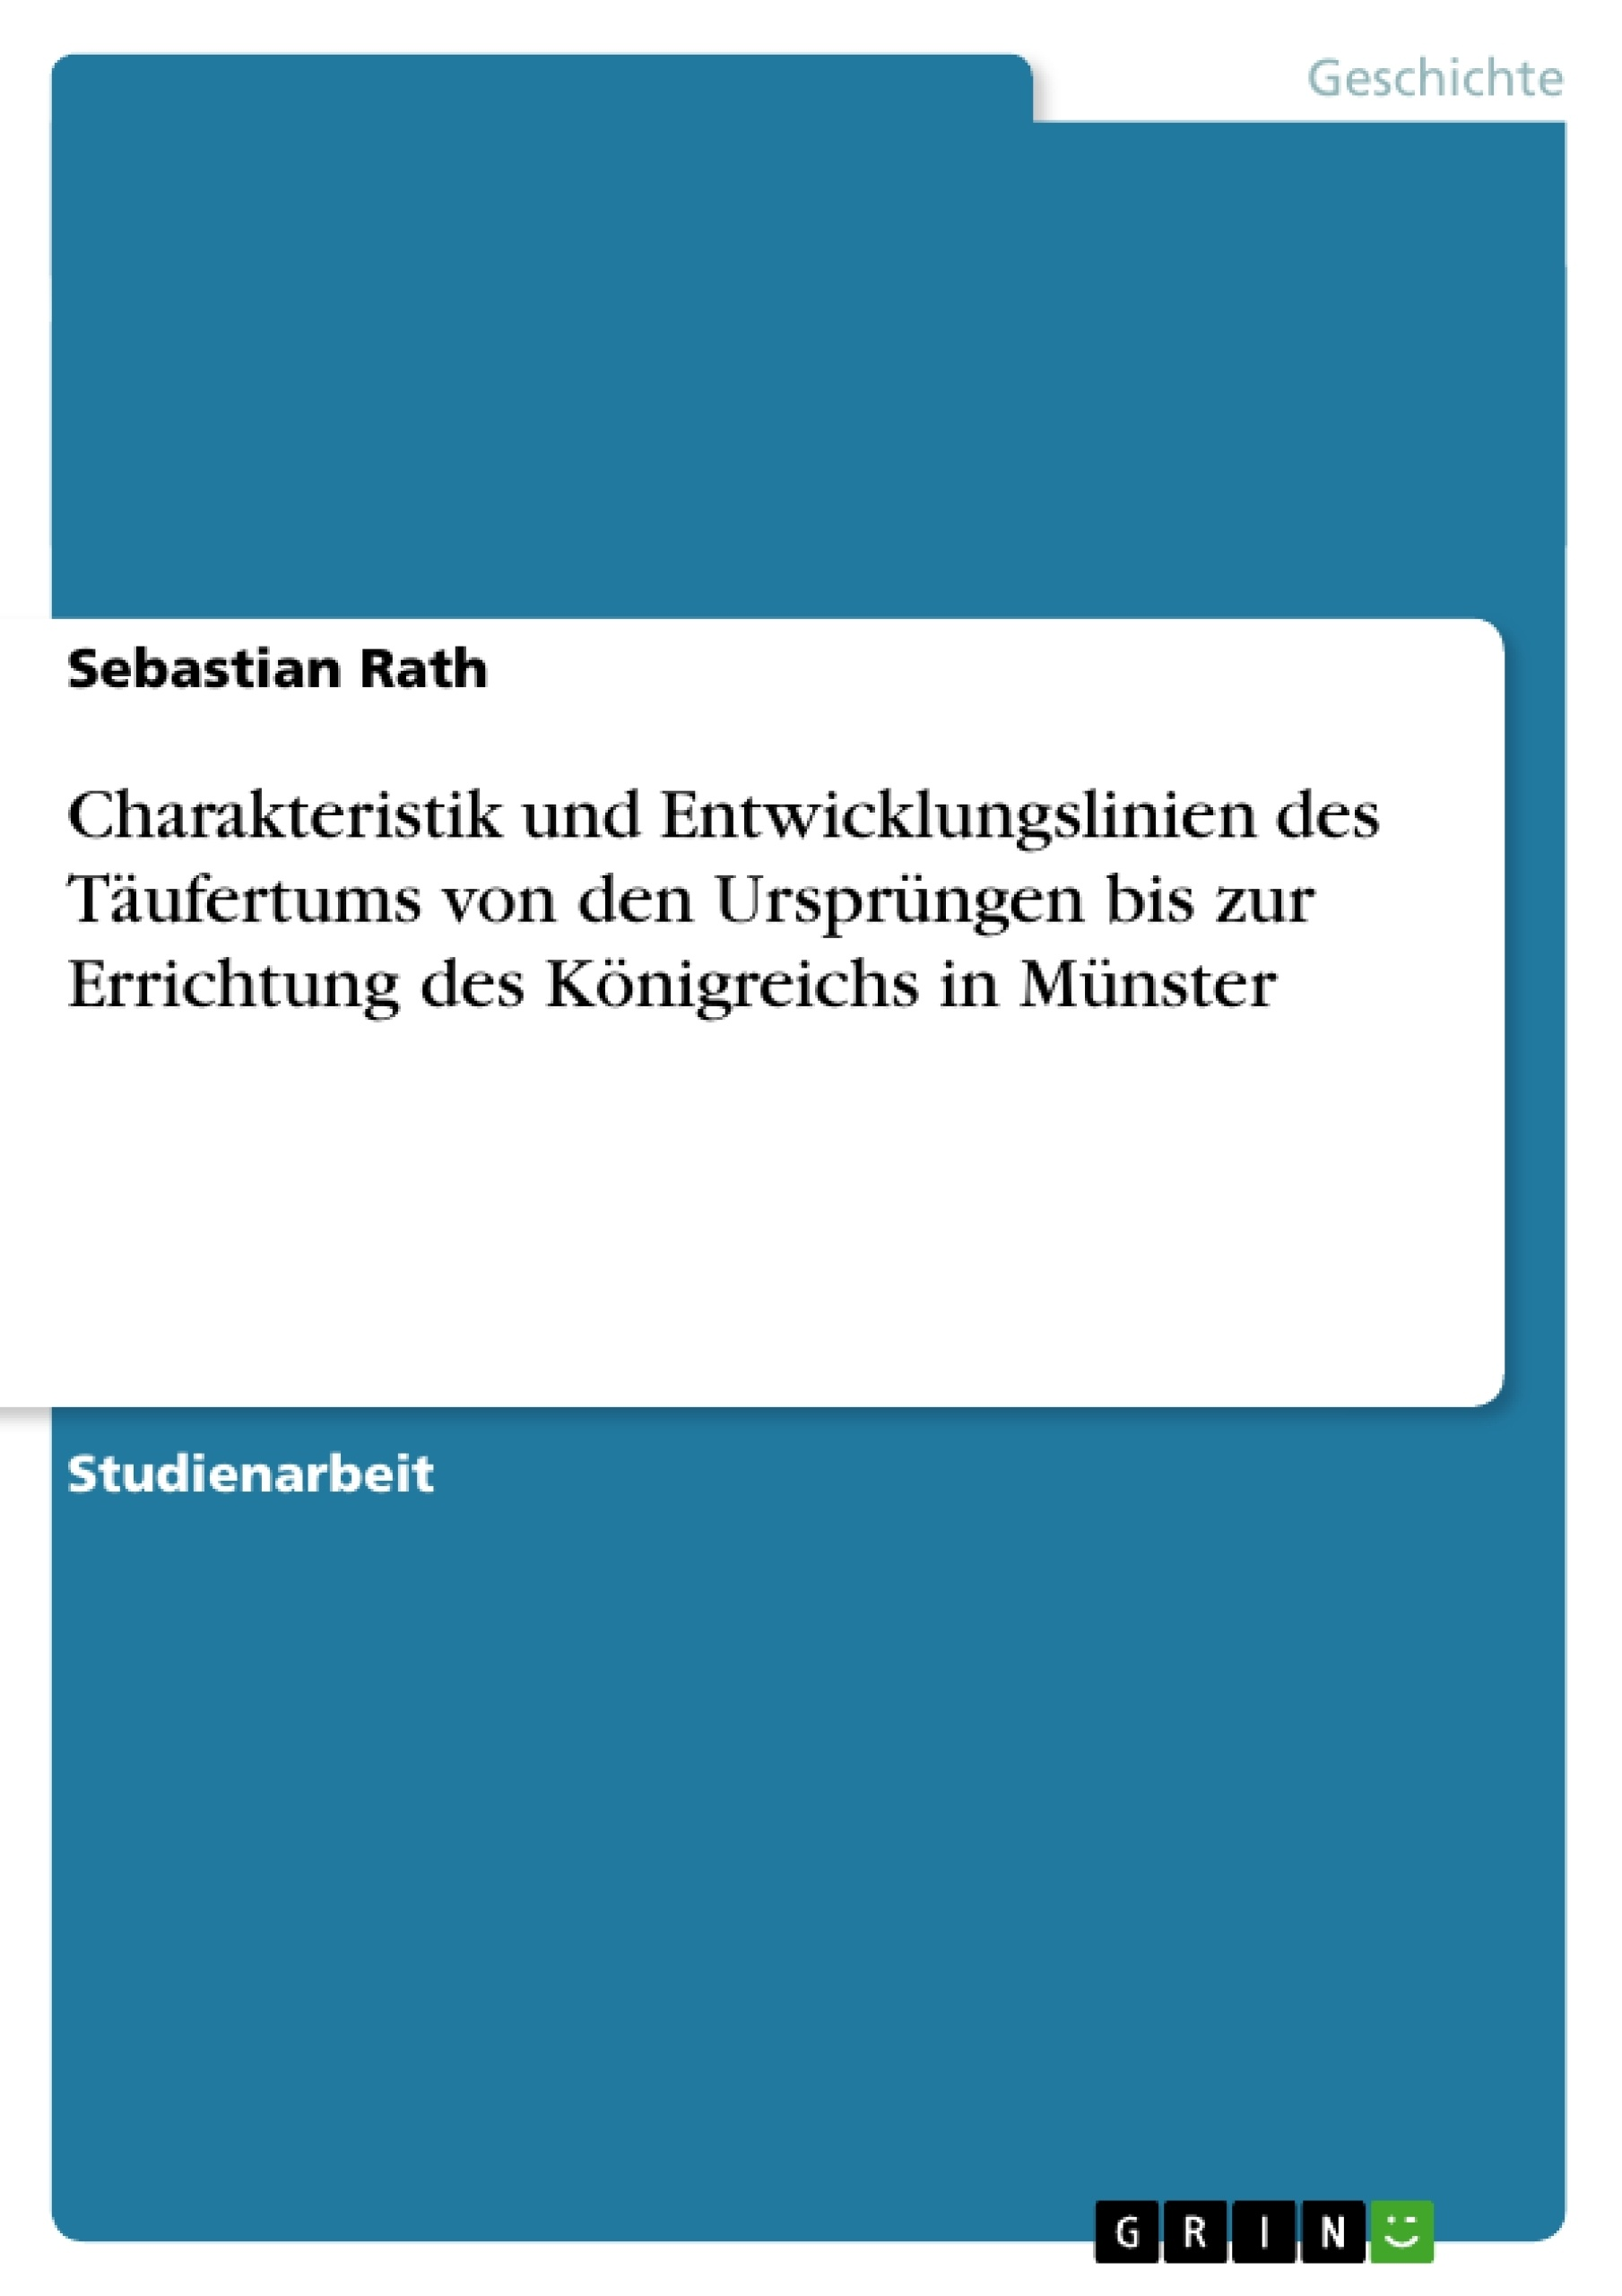 Titel: Charakteristik und Entwicklungslinien des Täufertums von den Ursprüngen bis zur Errichtung des Königreichs in Münster